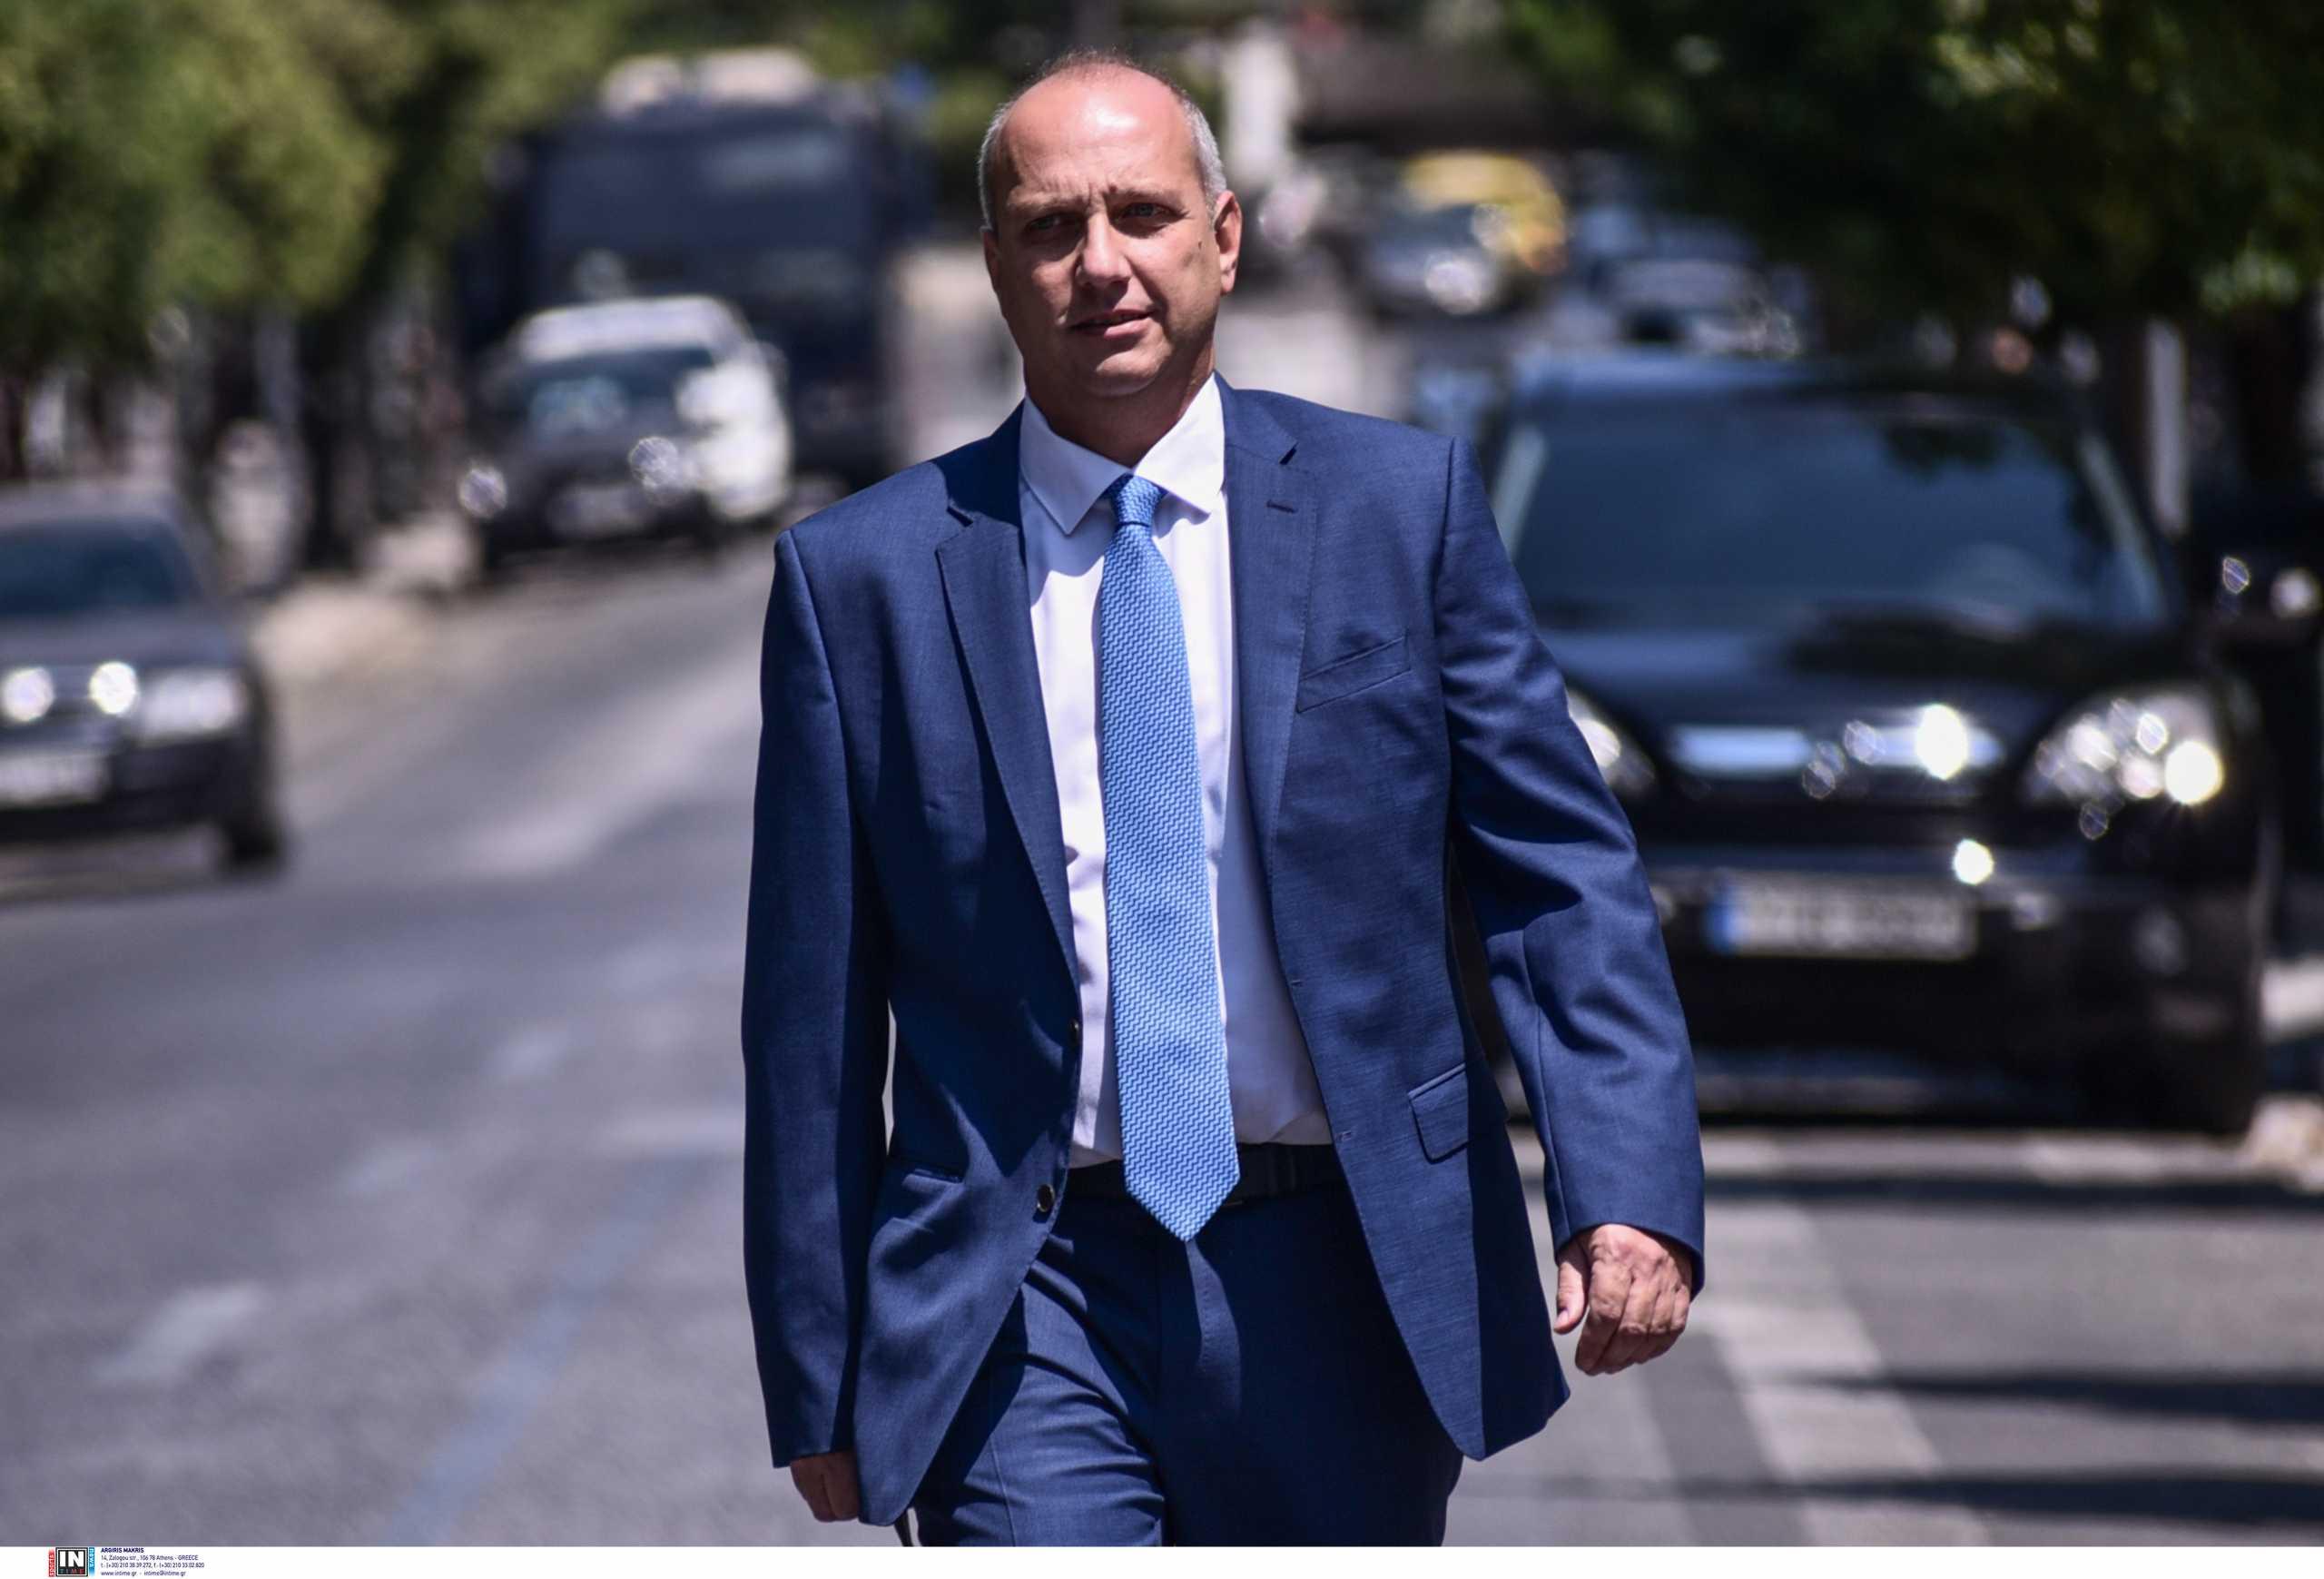 Γιάννης Οικονόμου κατά ΣΥΡΙΖΑ και ΚΙΝΑΛ: Ακραία πολιτική υποκρισία